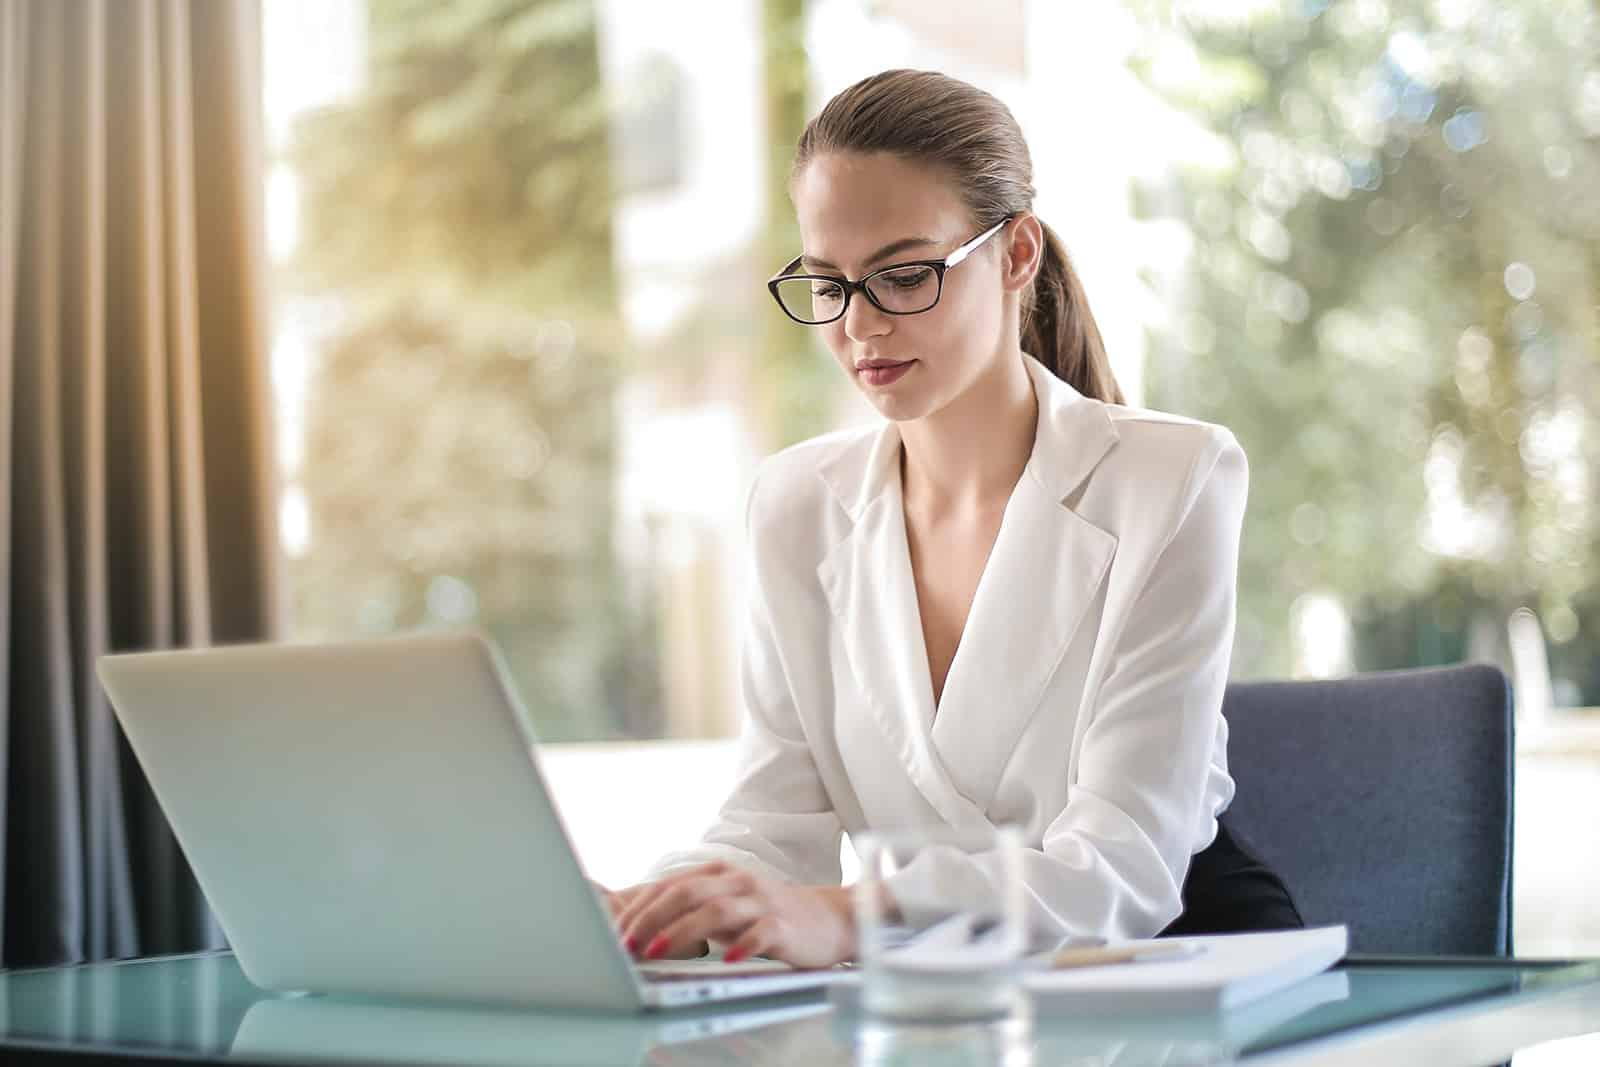 eine Geschäftsfrau, die auf dem Laptop tippt, während sie im Büro sitzt